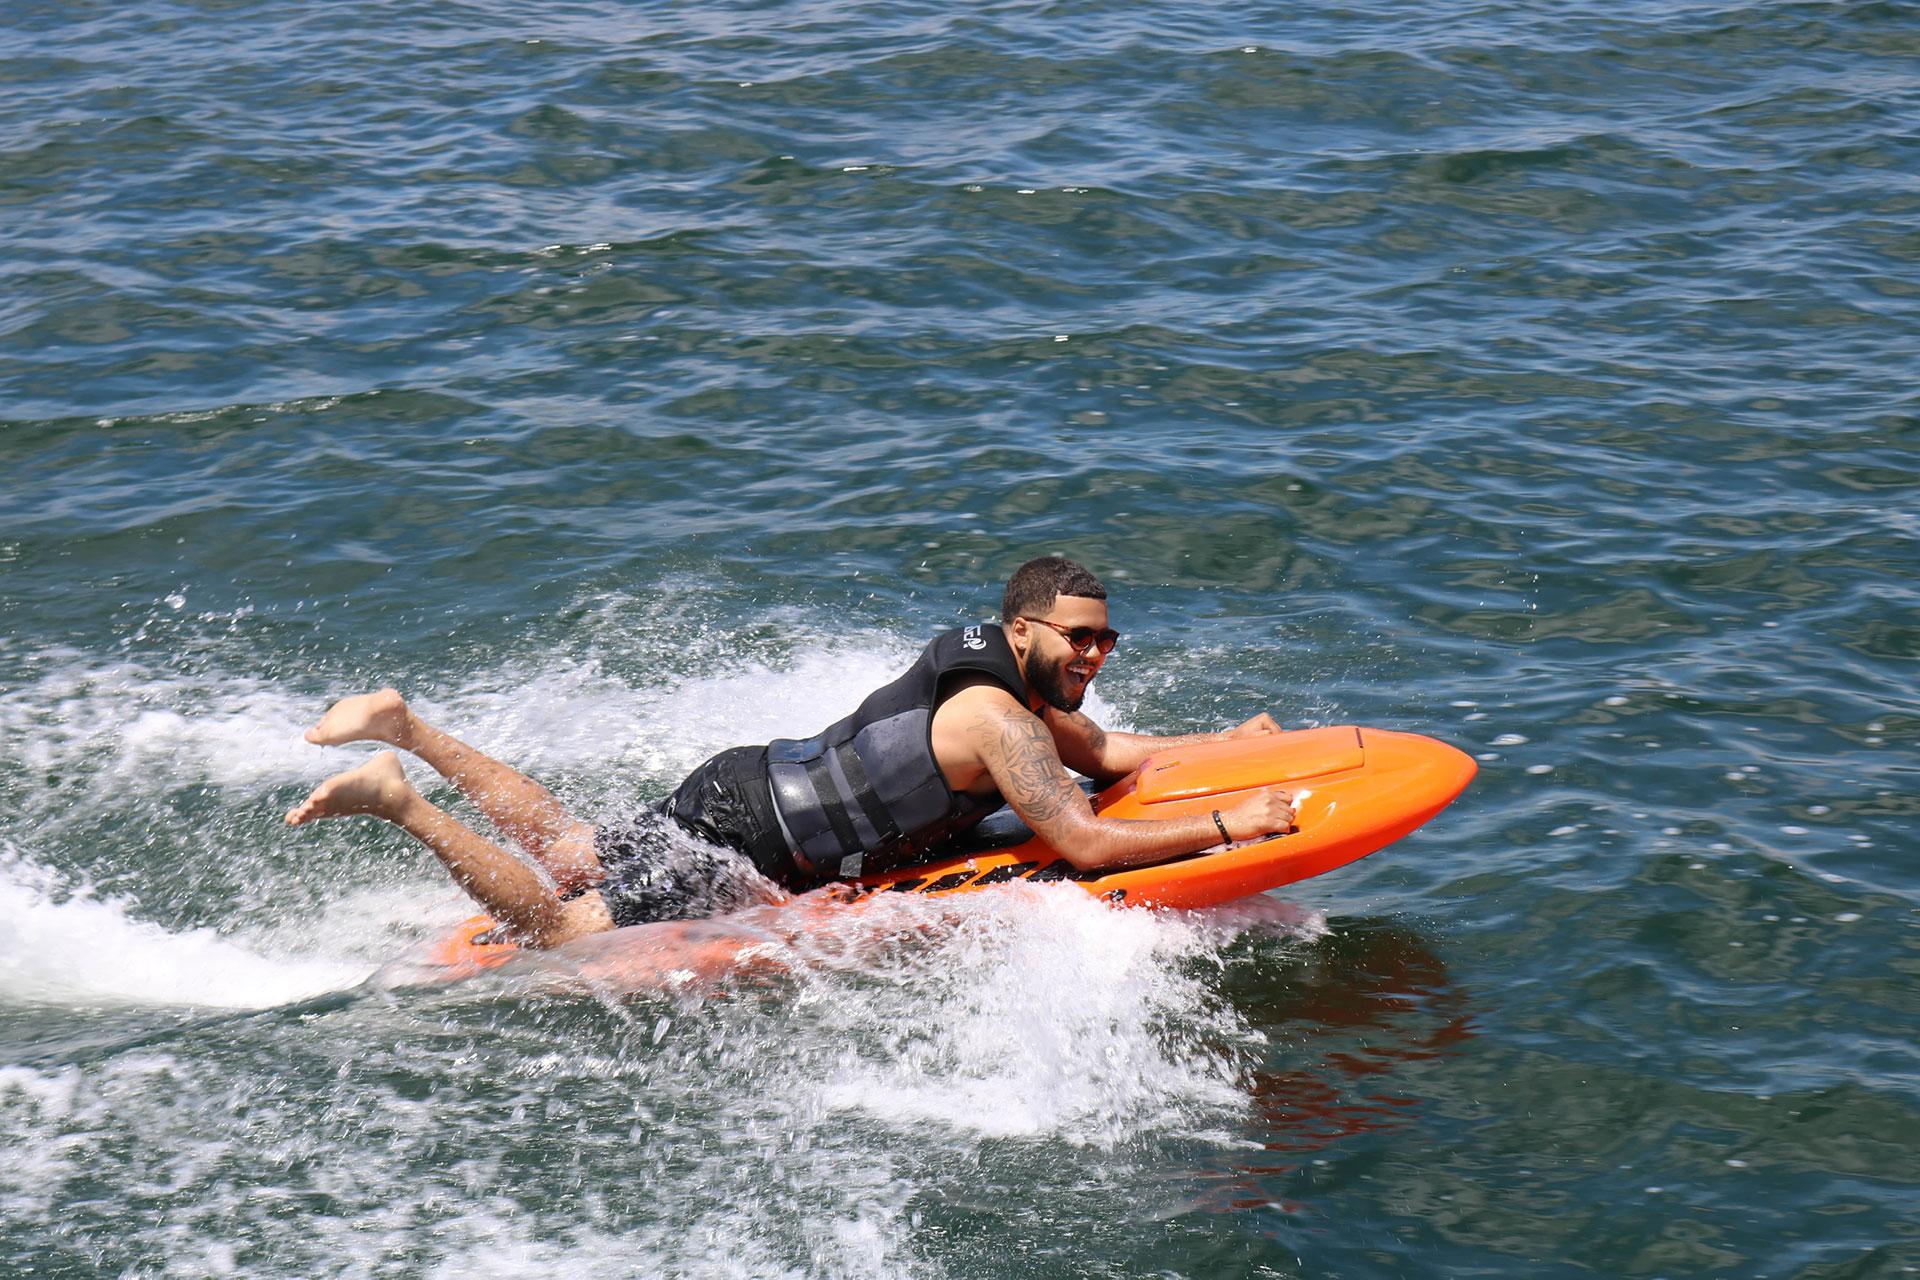 un homme sur un bodyboard electrique kymera à pleine vitesse